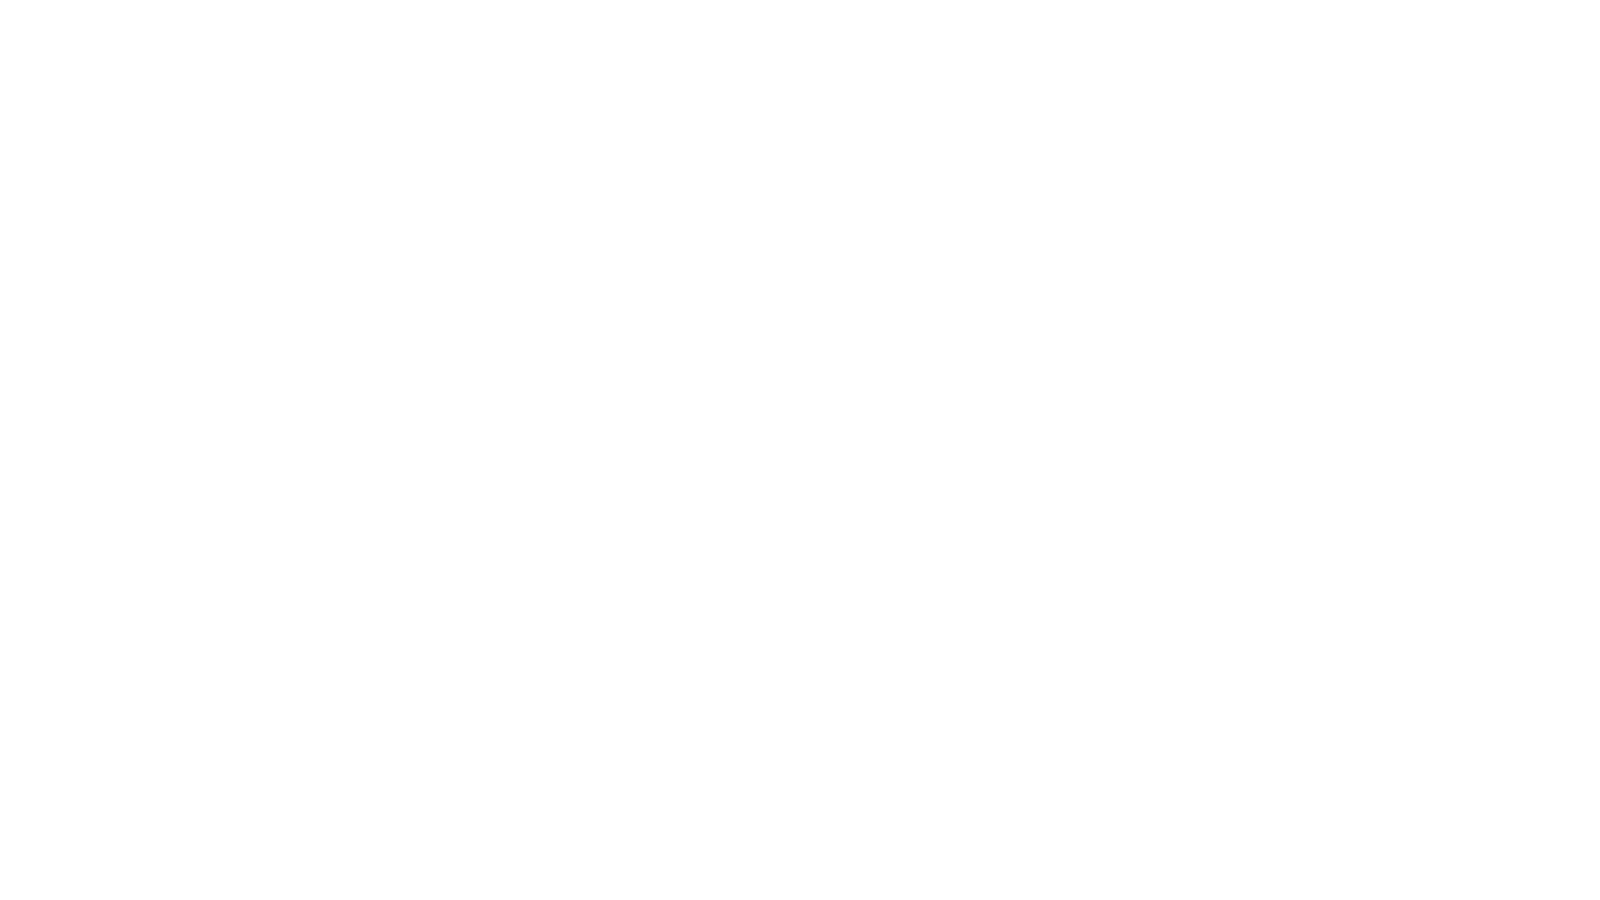 Este é um passeio que sai do Litoral Norte de Salvador, pode ser privativo ou em grupo. Ida no sábado e volta no domingo, passeio bate e volta. Sai da Praia do Forte as 4h da manhã, passa no aeroporto de Salvador para pegar passageiros de Salvador as 5h e segue para Lençóis na Chapada Diamantina. O passeio começa com uma trilha até o Poço do Diabo, depois vai para o balneário Mucugêzinho onde ficamos até as 16h e dali segue para o Morro do Pai Inácio onde ficamos até o por do sol. De lá vamos para Lençóis onde curtiremos a noite animada da cidade. No dia seguinte fazemos o passeio Serrano onde iremos até a cachoeirinha, cachoeira primavera, poço ralei, salão de areia e caldeirões do rio Lençóis. Depois almoçamos e voltamos para Salvador e Praia do Forte.  Seja bem-vindo(a) ao canal Viaje na Bahia Turismo!  O canal tem como objetivo compartilhar de uma forma simples e direta conteúdo sobre os pontos turísticos do nosso estado, eu sou o Fabiano Rodrigues, vem comigo e Viaje na Bahia!  NOSSO SITE: https://viajenabahia.com  NOSSAS REDES SOCIAIS: Instagram: https://instagram.com/viajenabahia.turismo Whatsapp: https://api.whatsapp.com/send?l=pt_BR&phone=5571993309725  Contato comercial: ✉ contato@viajenabahia.com